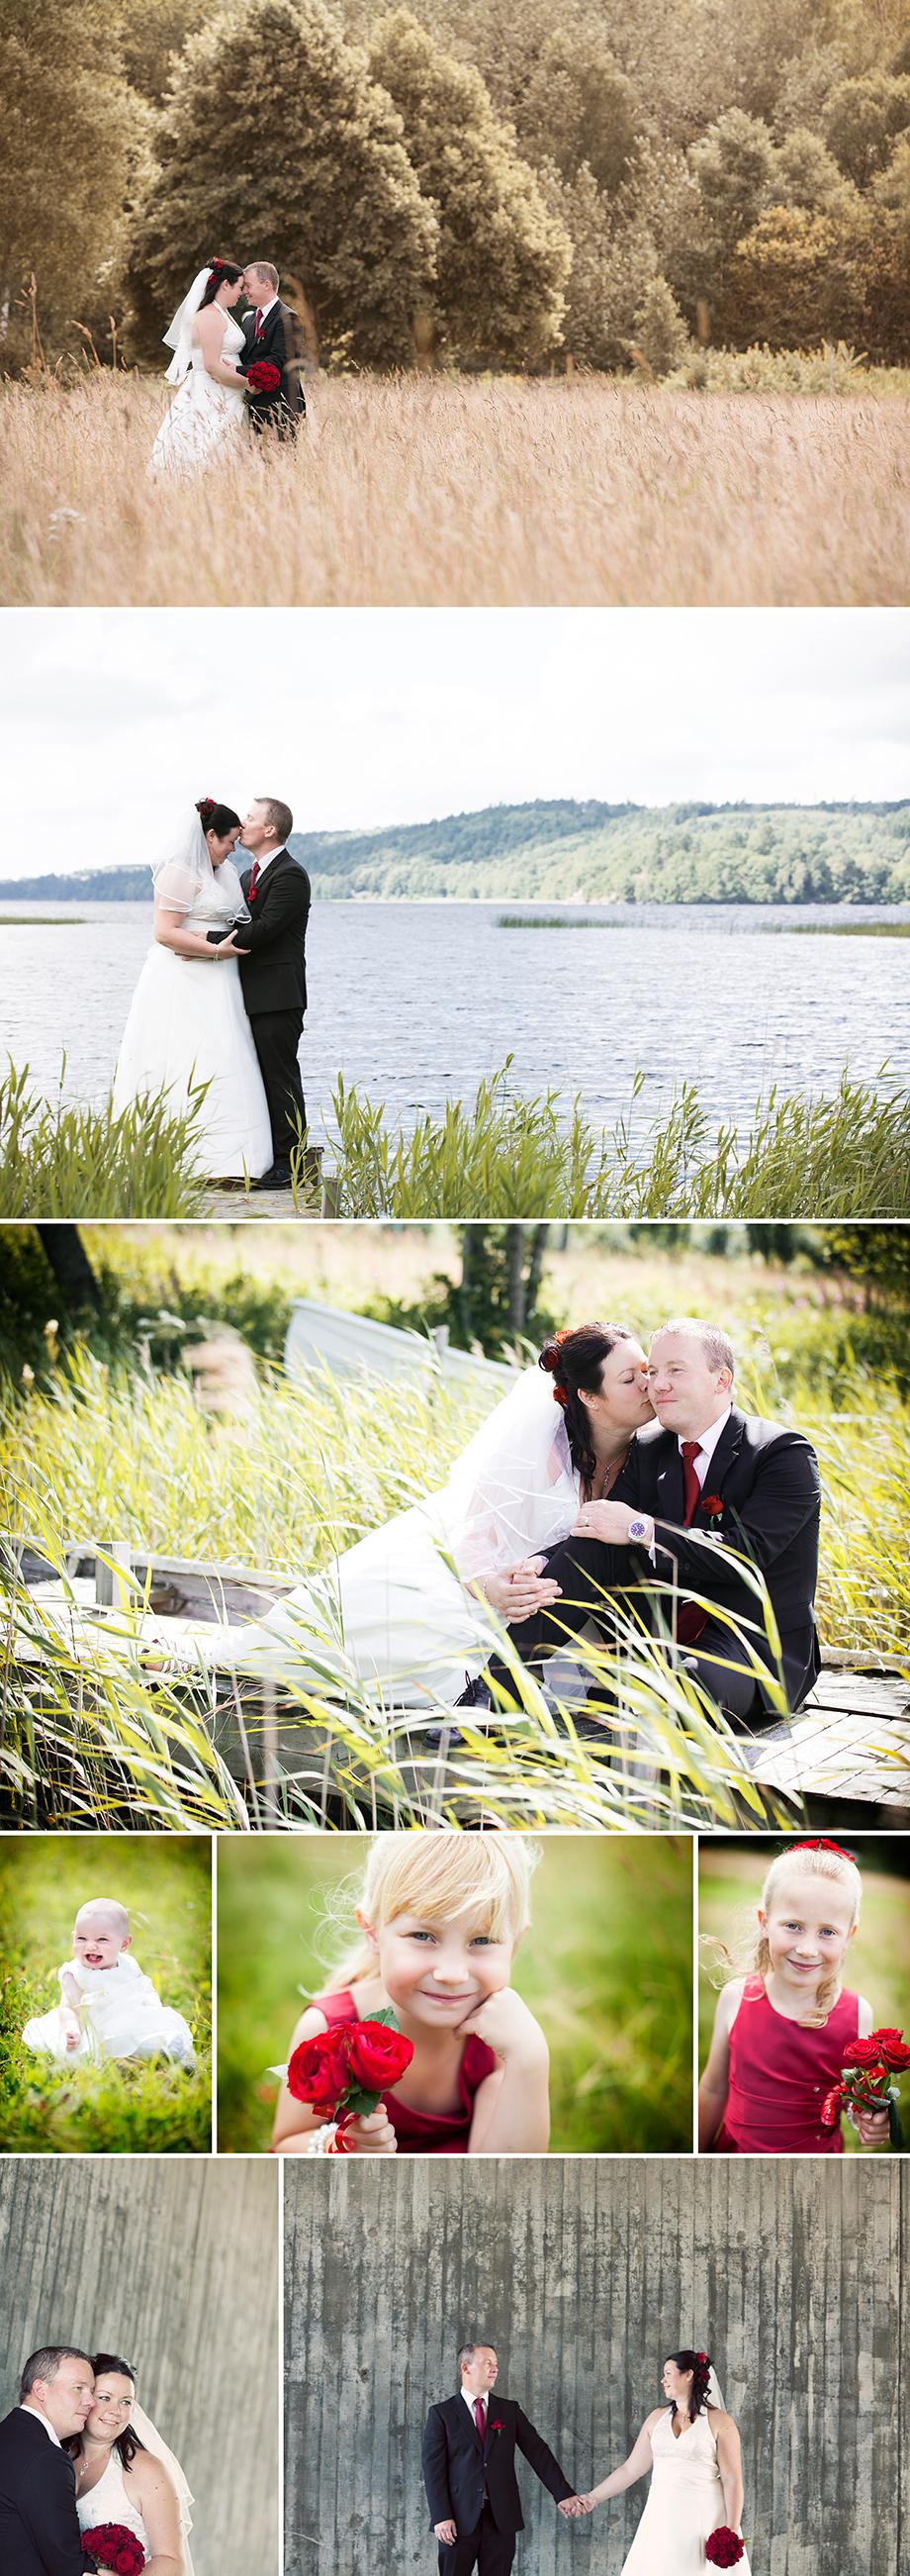 bröllopsporträtt med Susanne och Johnny